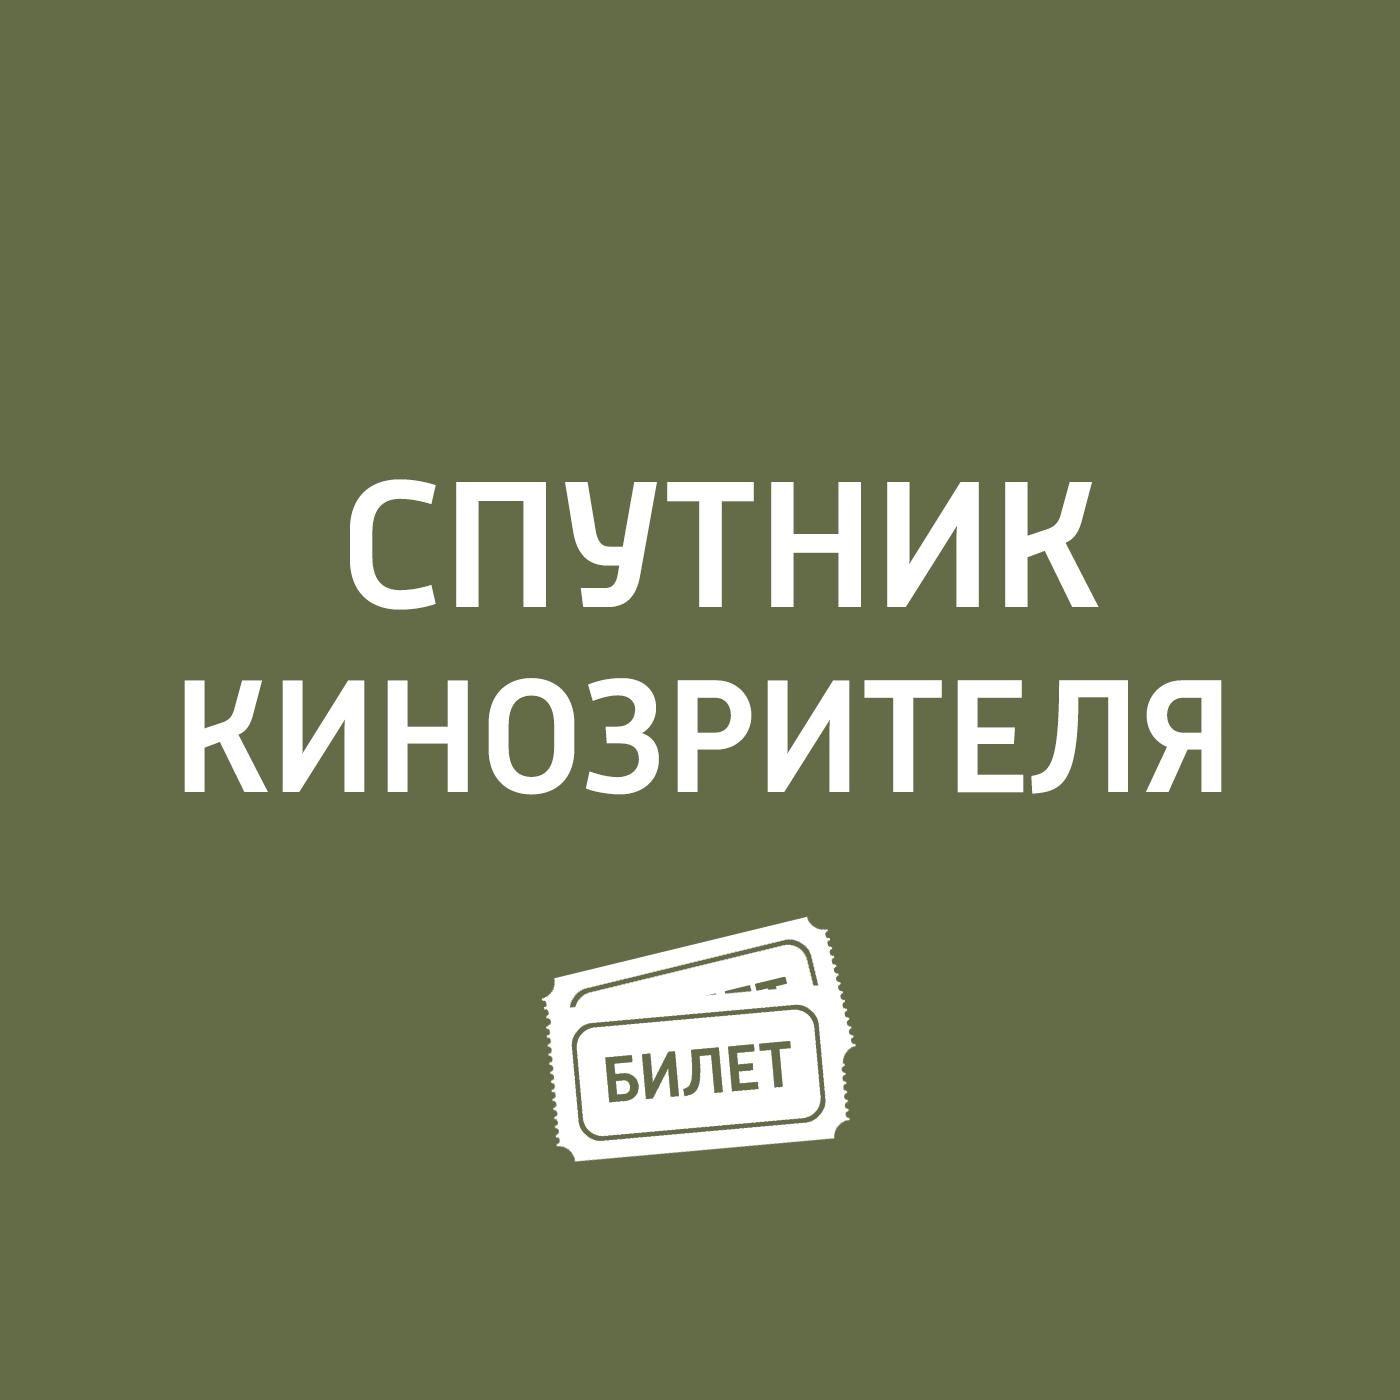 Антон Долин РЭД 2, «Смурфики 2, «Византия и др. смурфики волшебная игла портного серии 1 22